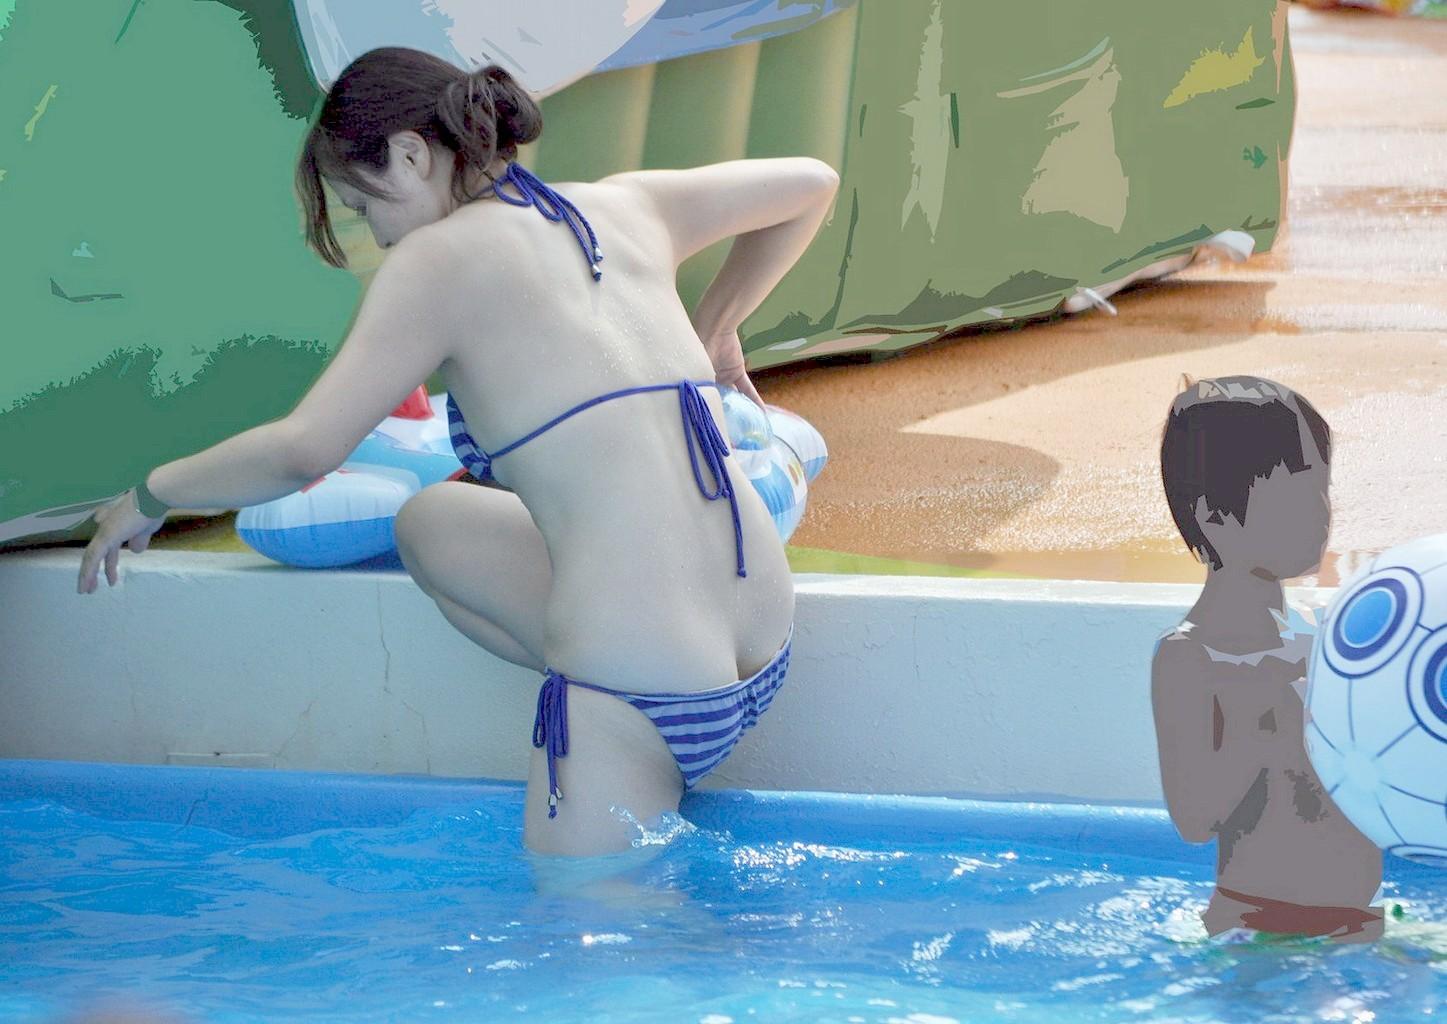 【素人水着エロ画像】夏の思い出補完用、水着素人たちの事件にできないえっちなハプニング総集編www 10